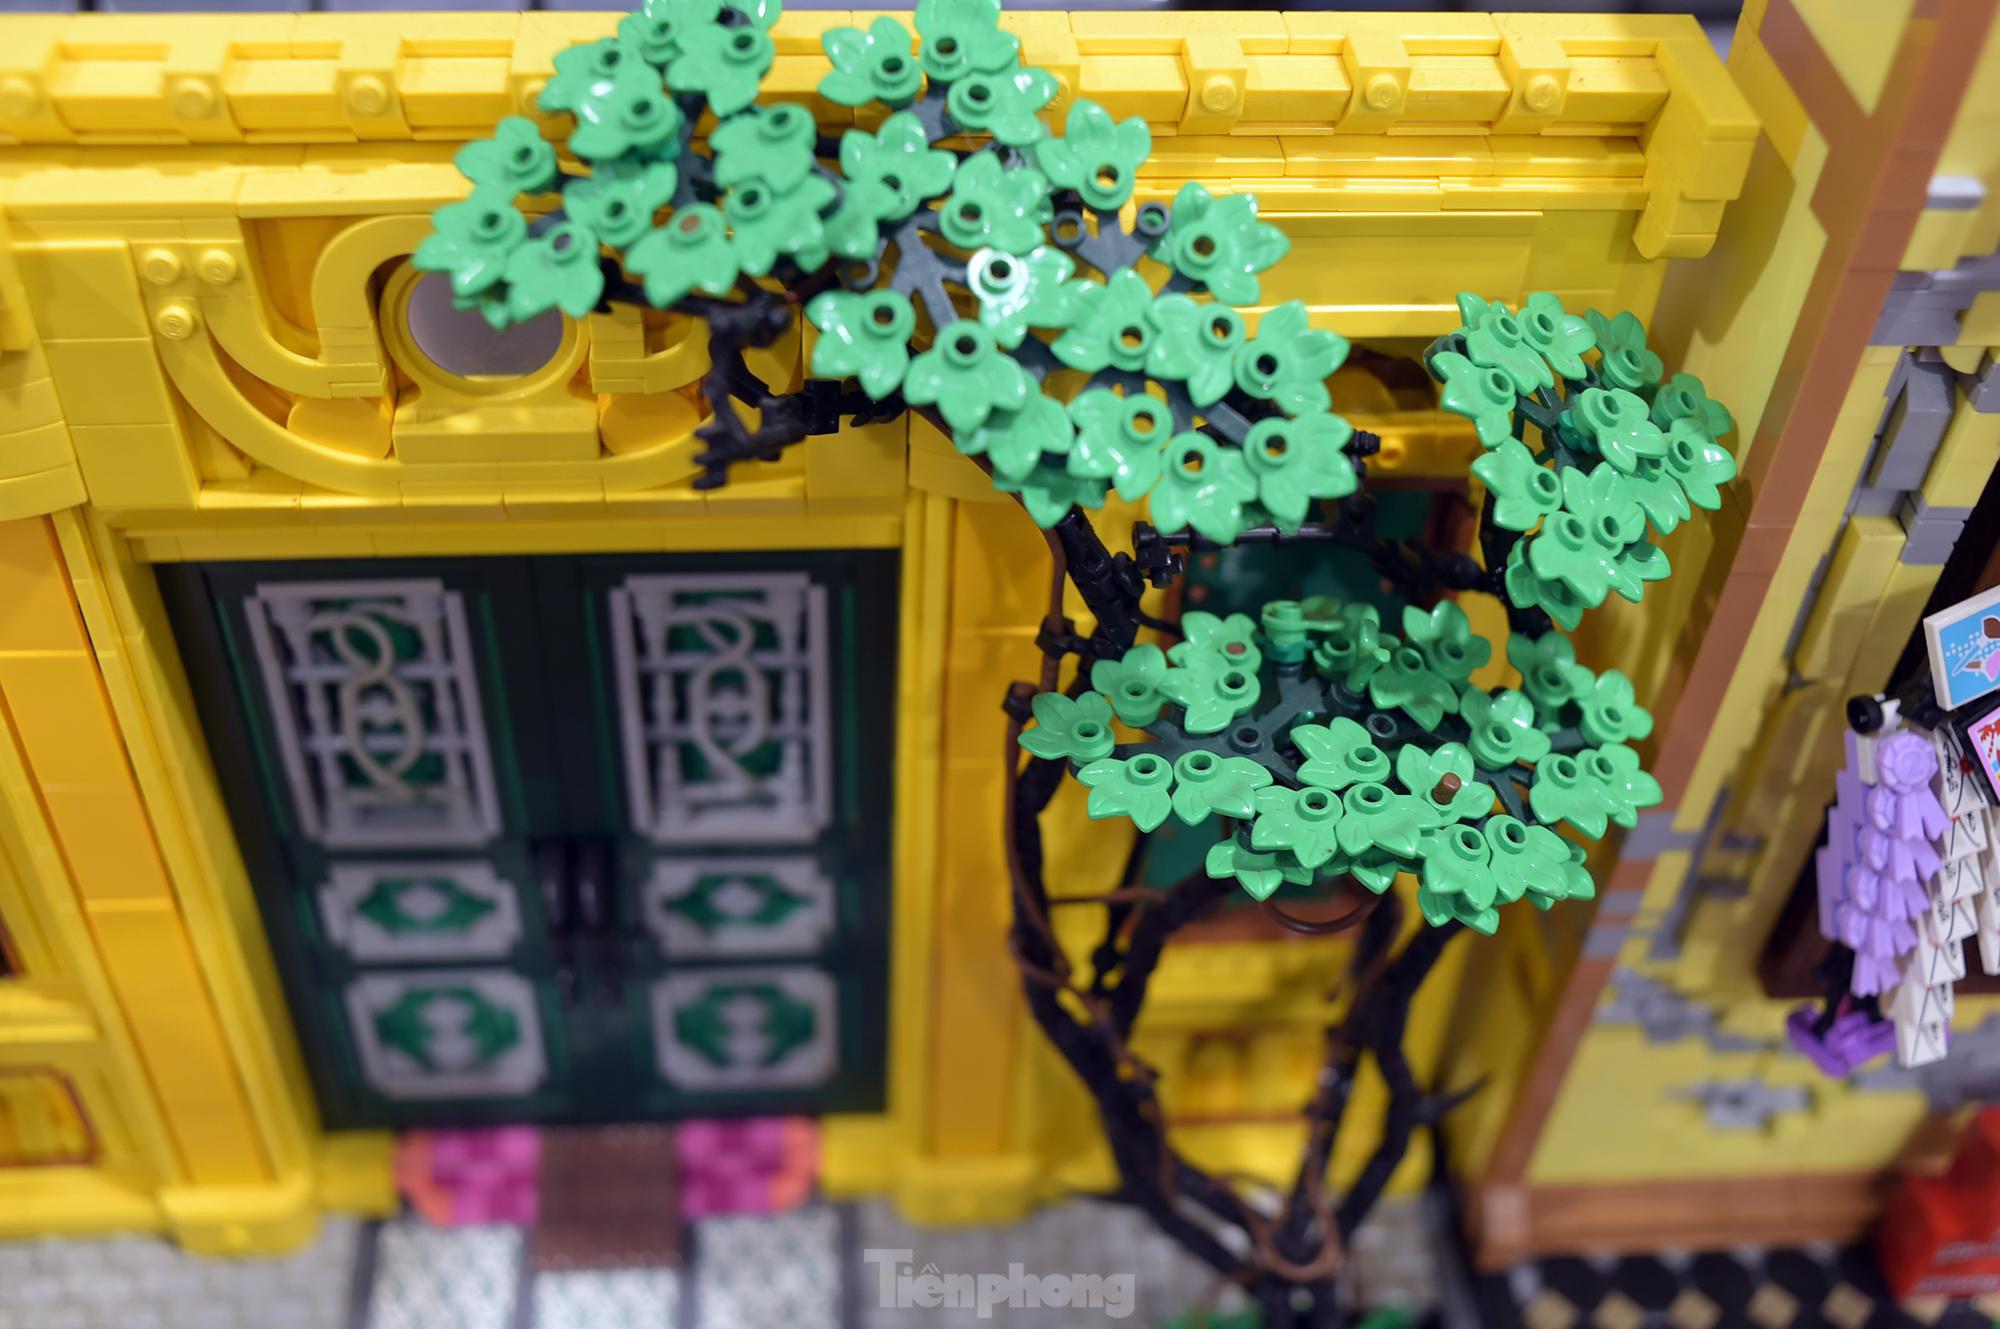 """Chàng trai Việt """"đóng"""" tàu Hoàng Sa, Trường Sa từ mô hình Lego, tri ân ngư dân bám biển - Ảnh 9."""